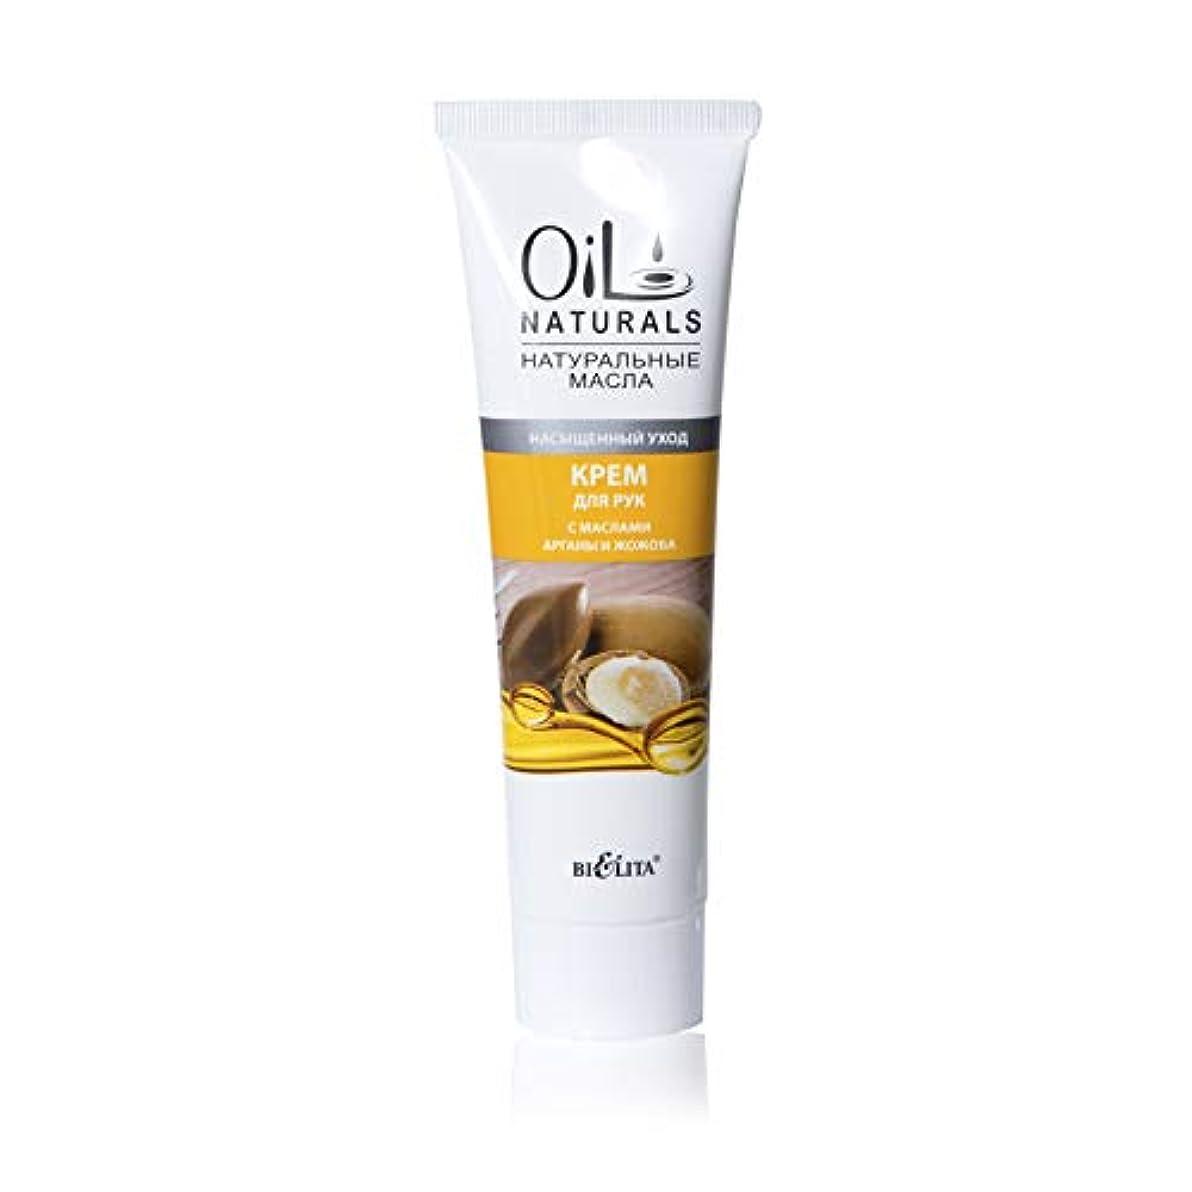 普遍的な却下する繕うBielita & Vitex Oil Naturals Line | Saturate Care Hand Cream, 100 ml | Argan Oil, Silk Proteins, Jojoba Oil, Vitamins